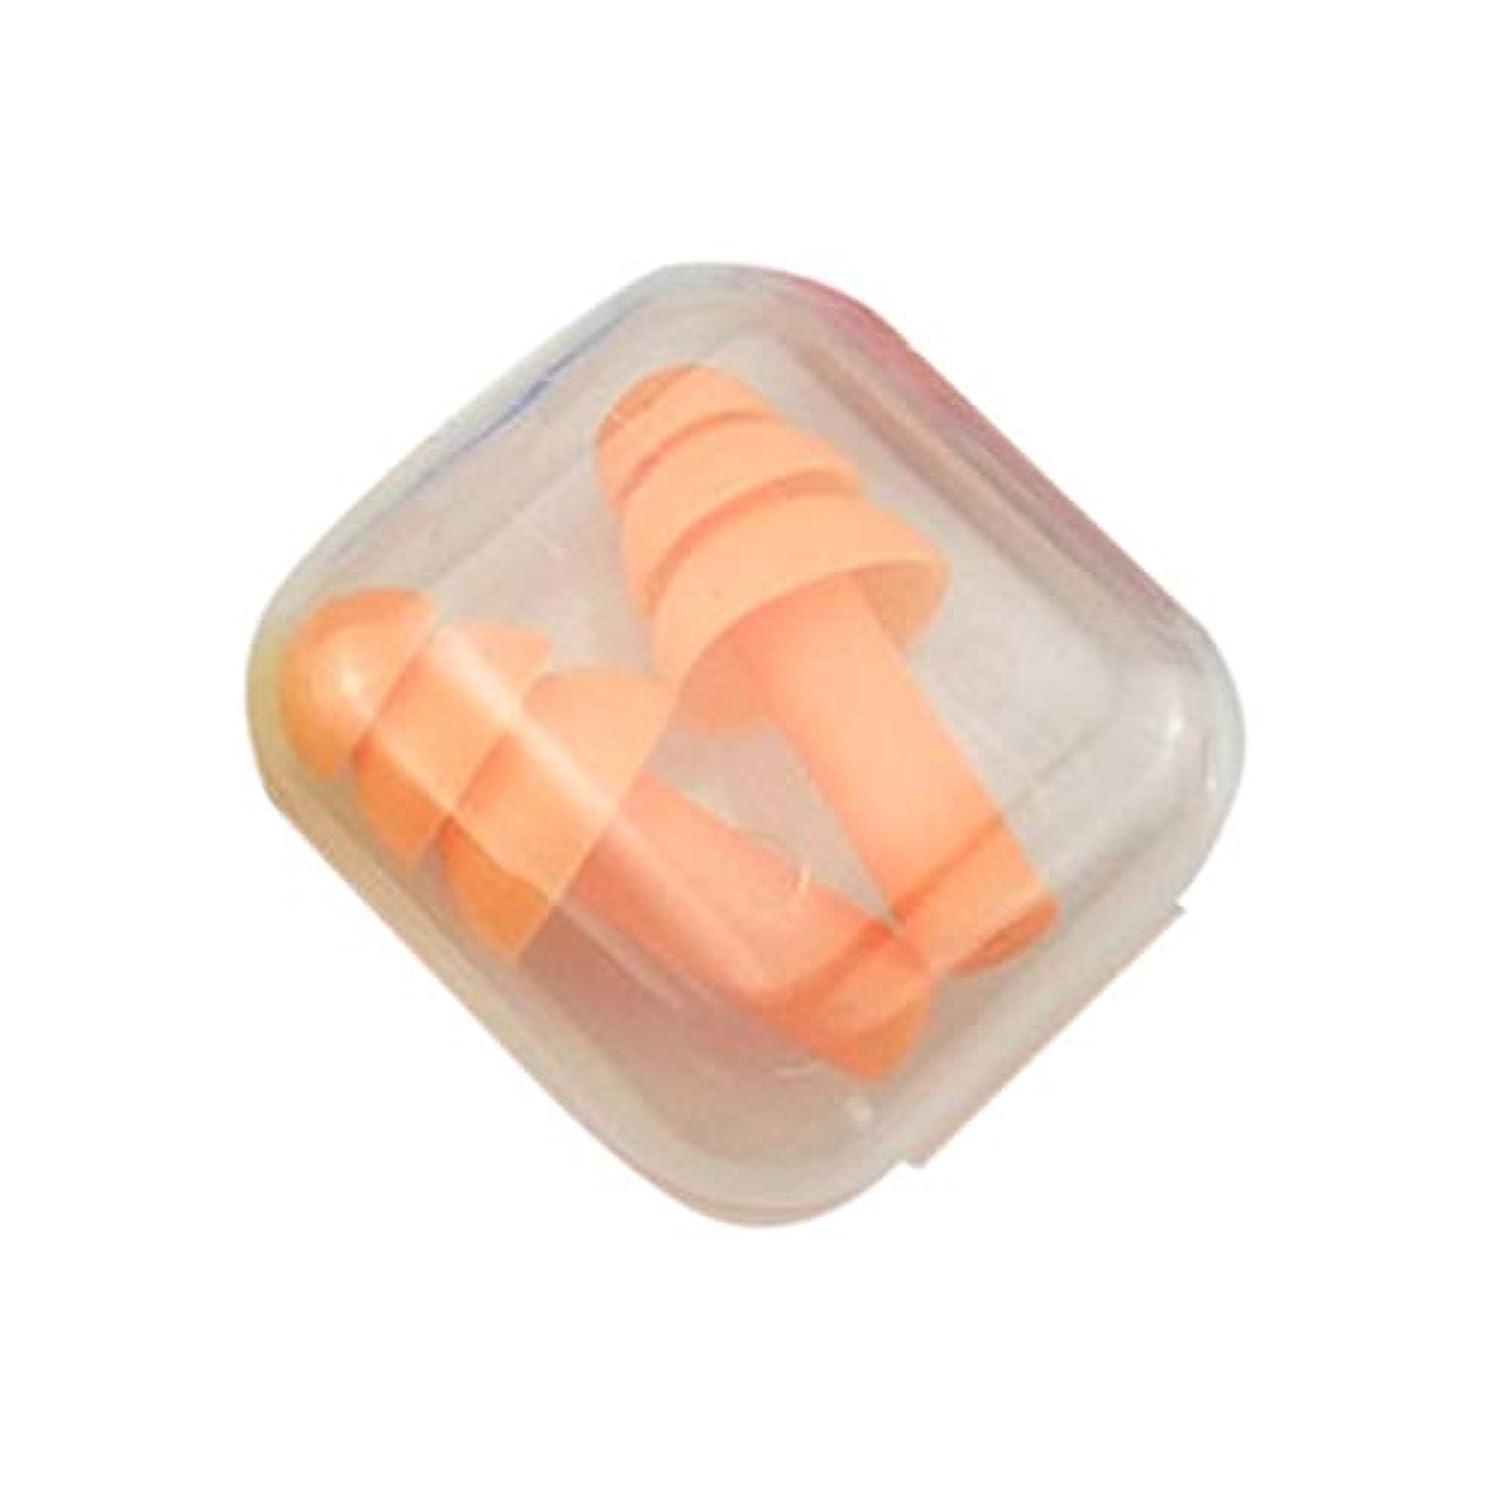 バリア貧困笑い友美 柔らかいシリコーンの耳栓の健全な絶縁材の耳の保護の耳栓の騒音低減の収納箱が付いている睡眠のプラグ